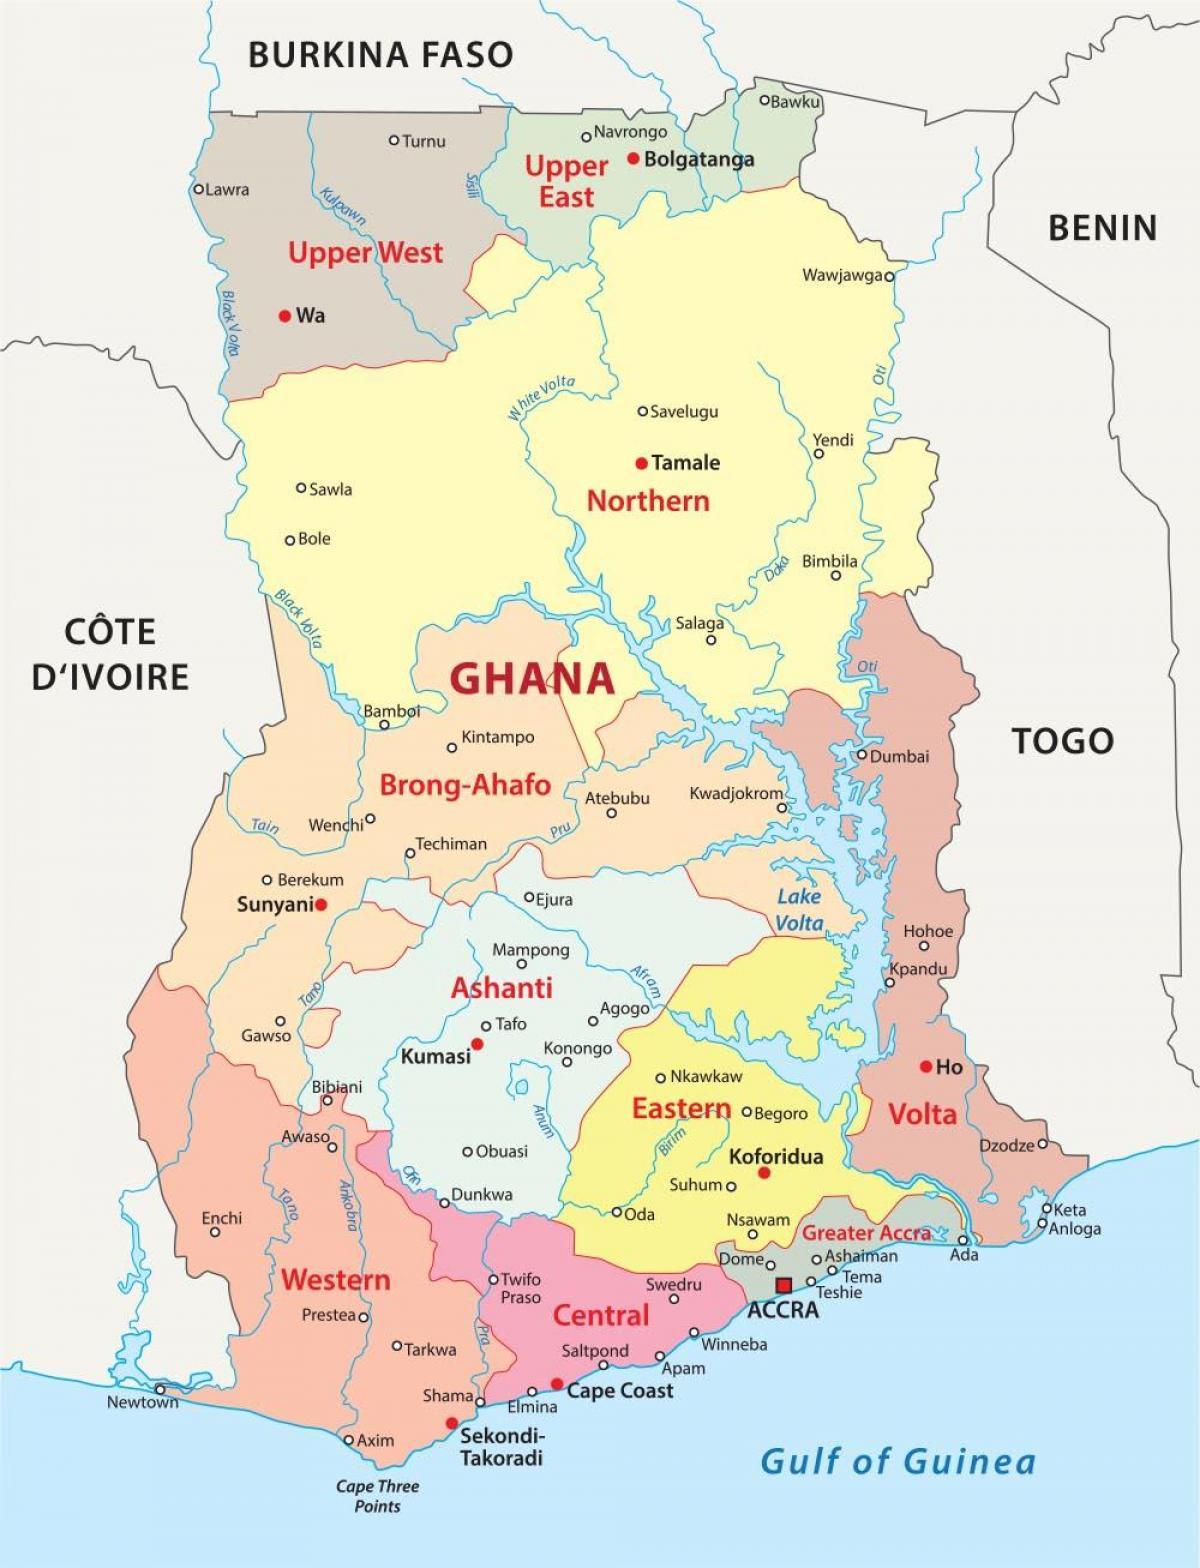 Umdaemi Kort Af Ghana Kort Af Ghana Ad Syna Hverfa Vestur Afriku